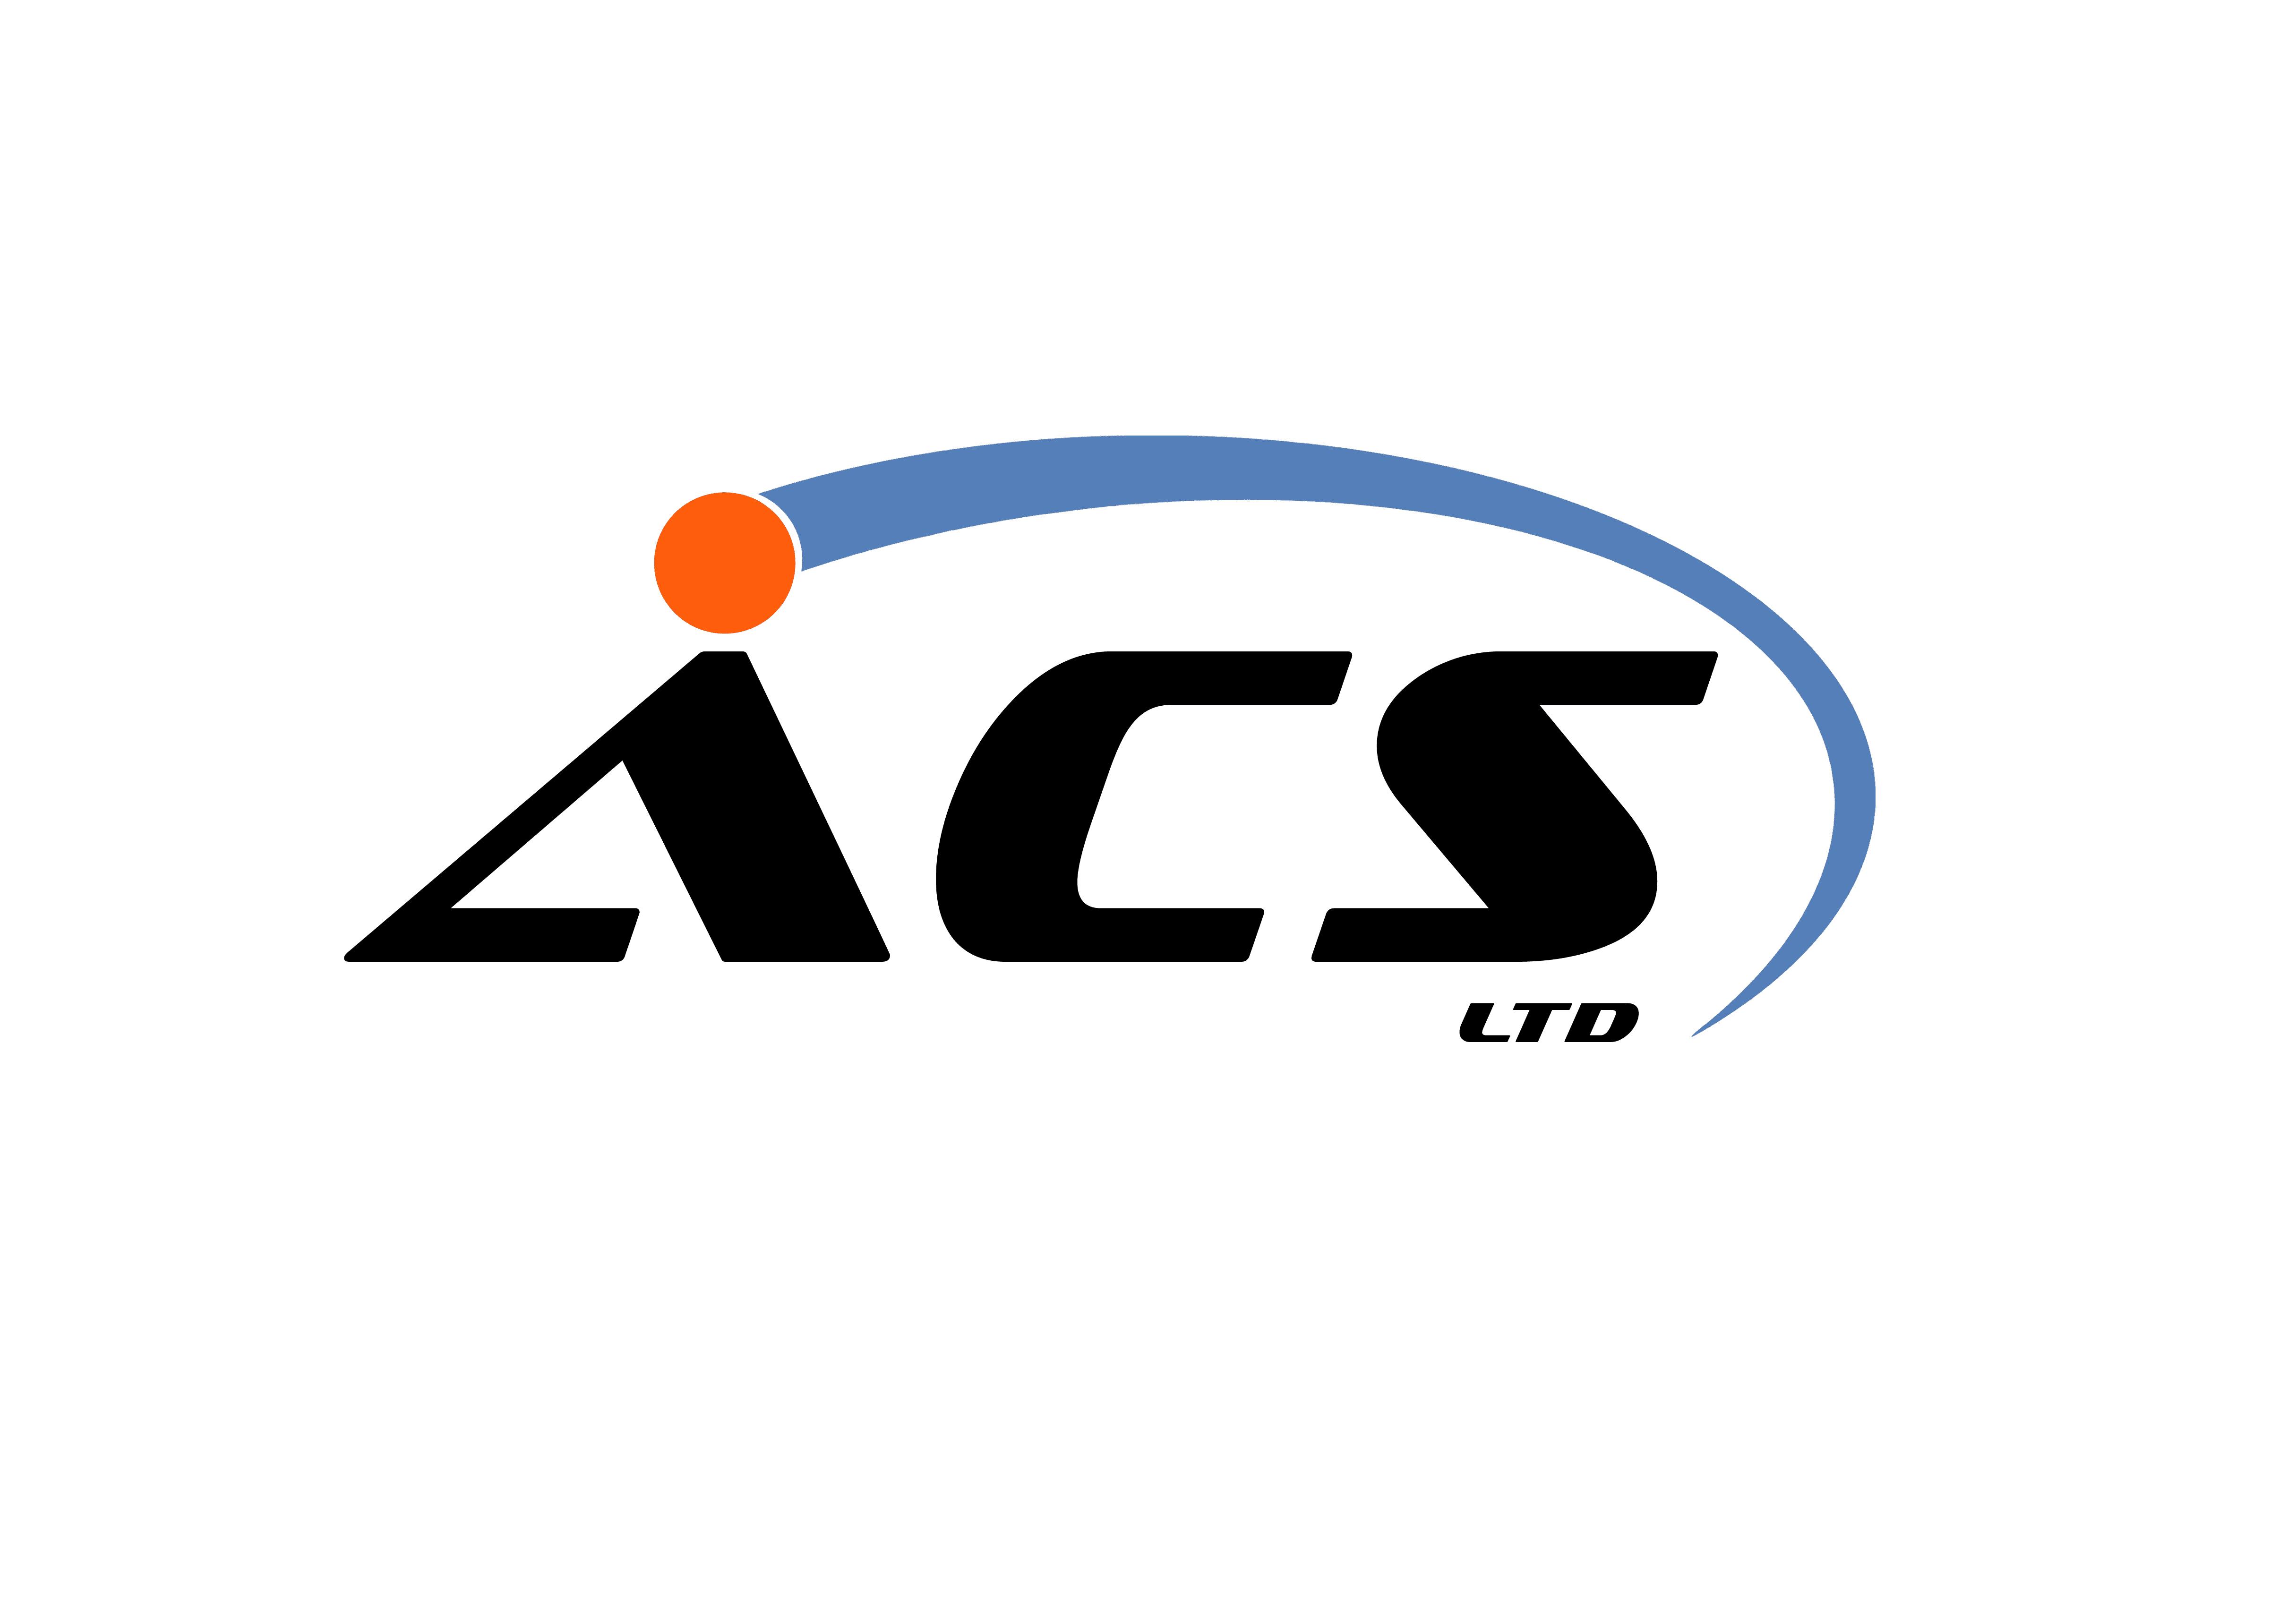 ACS Ltd